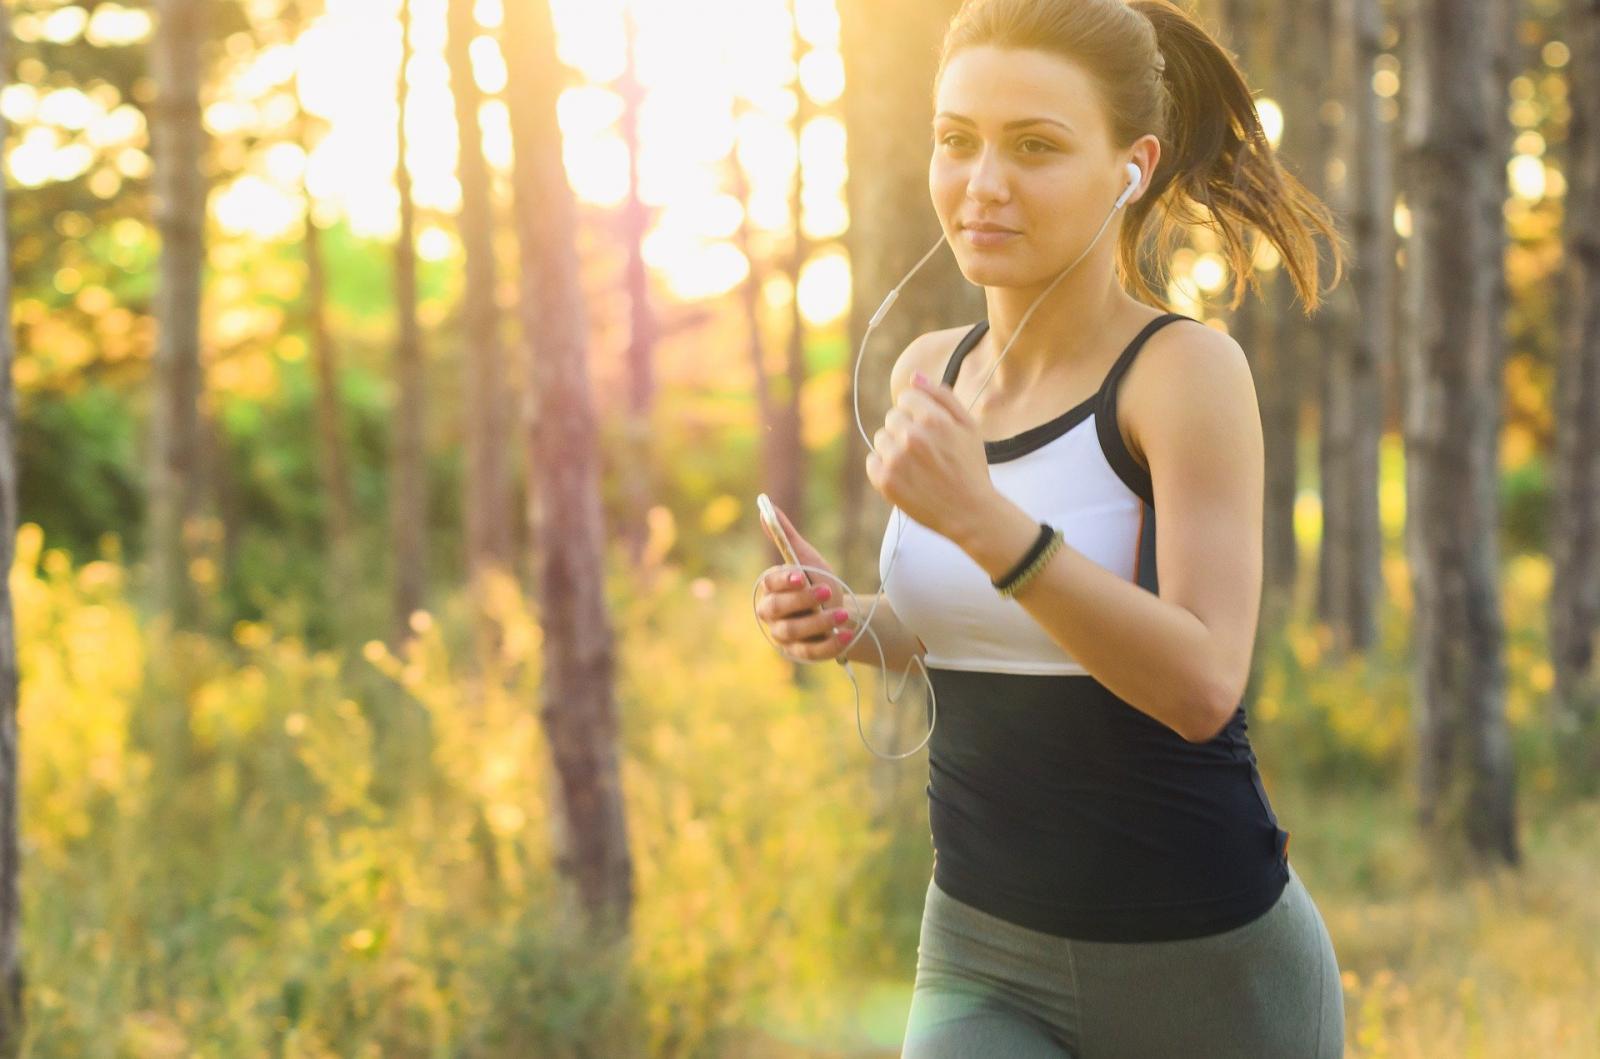 健身时听音乐有什么好处?